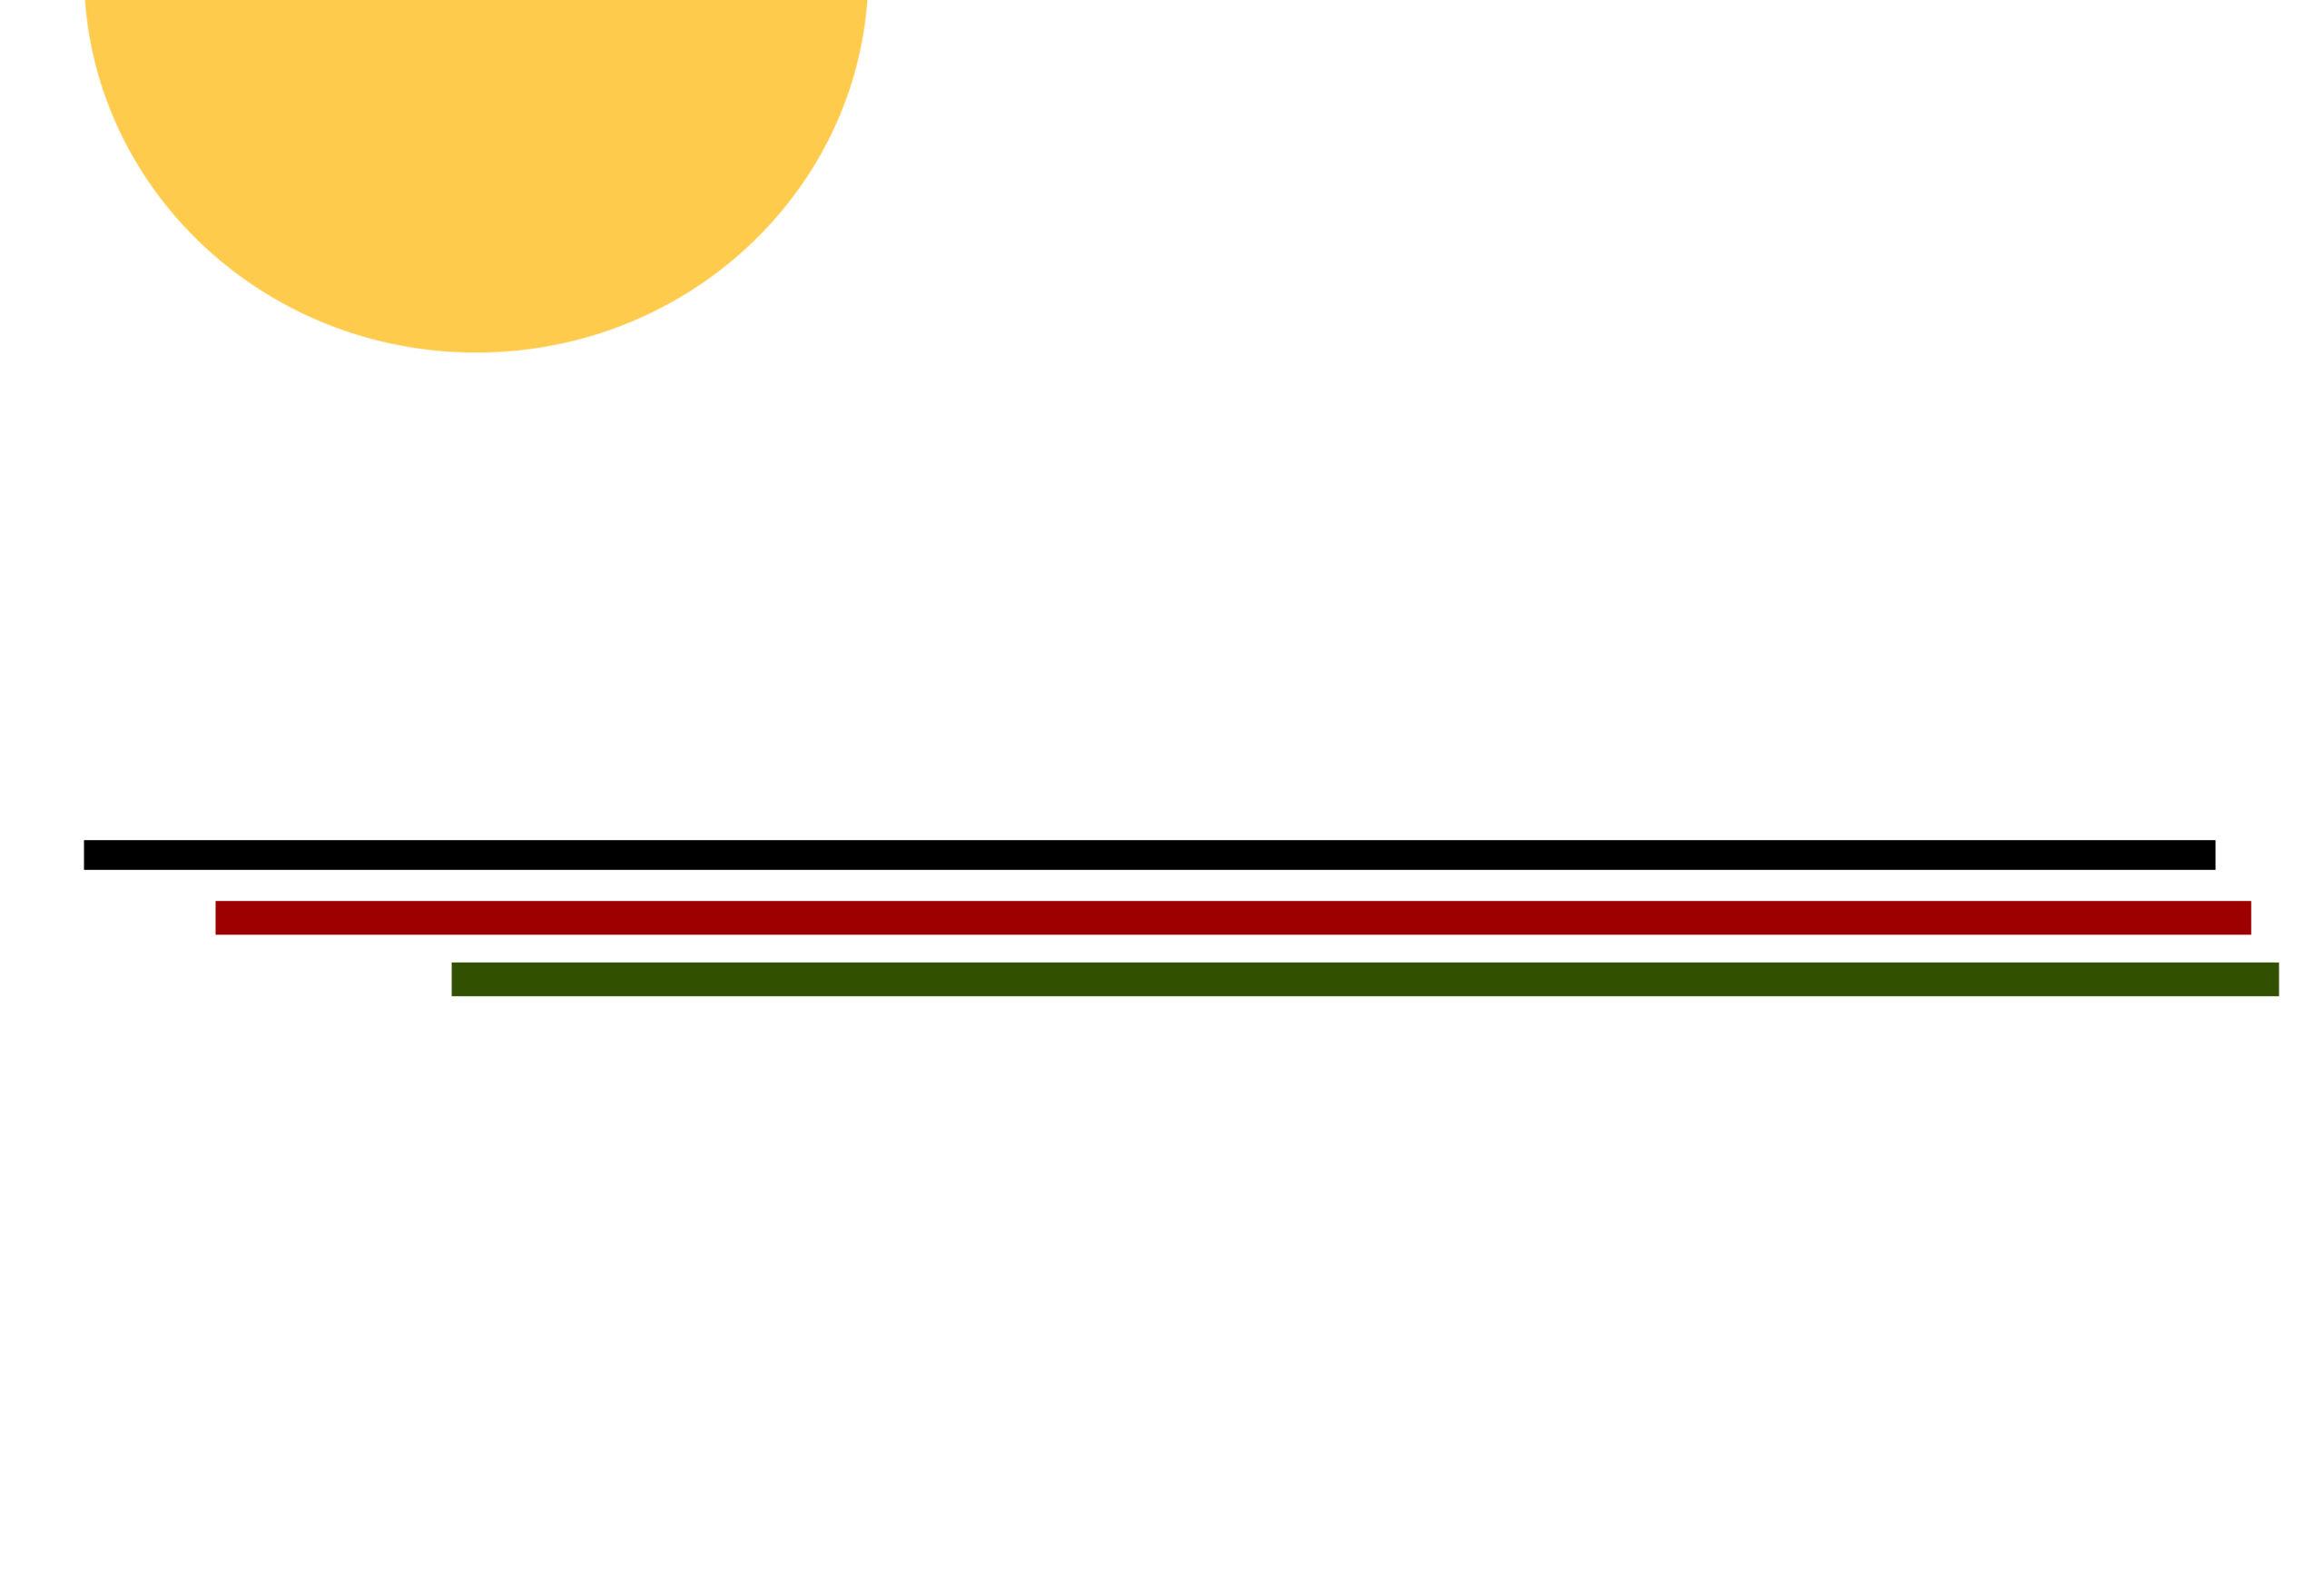 Un demi-soleil au dessus de trois lignes horizontales de couleurs noire, rouge et verte